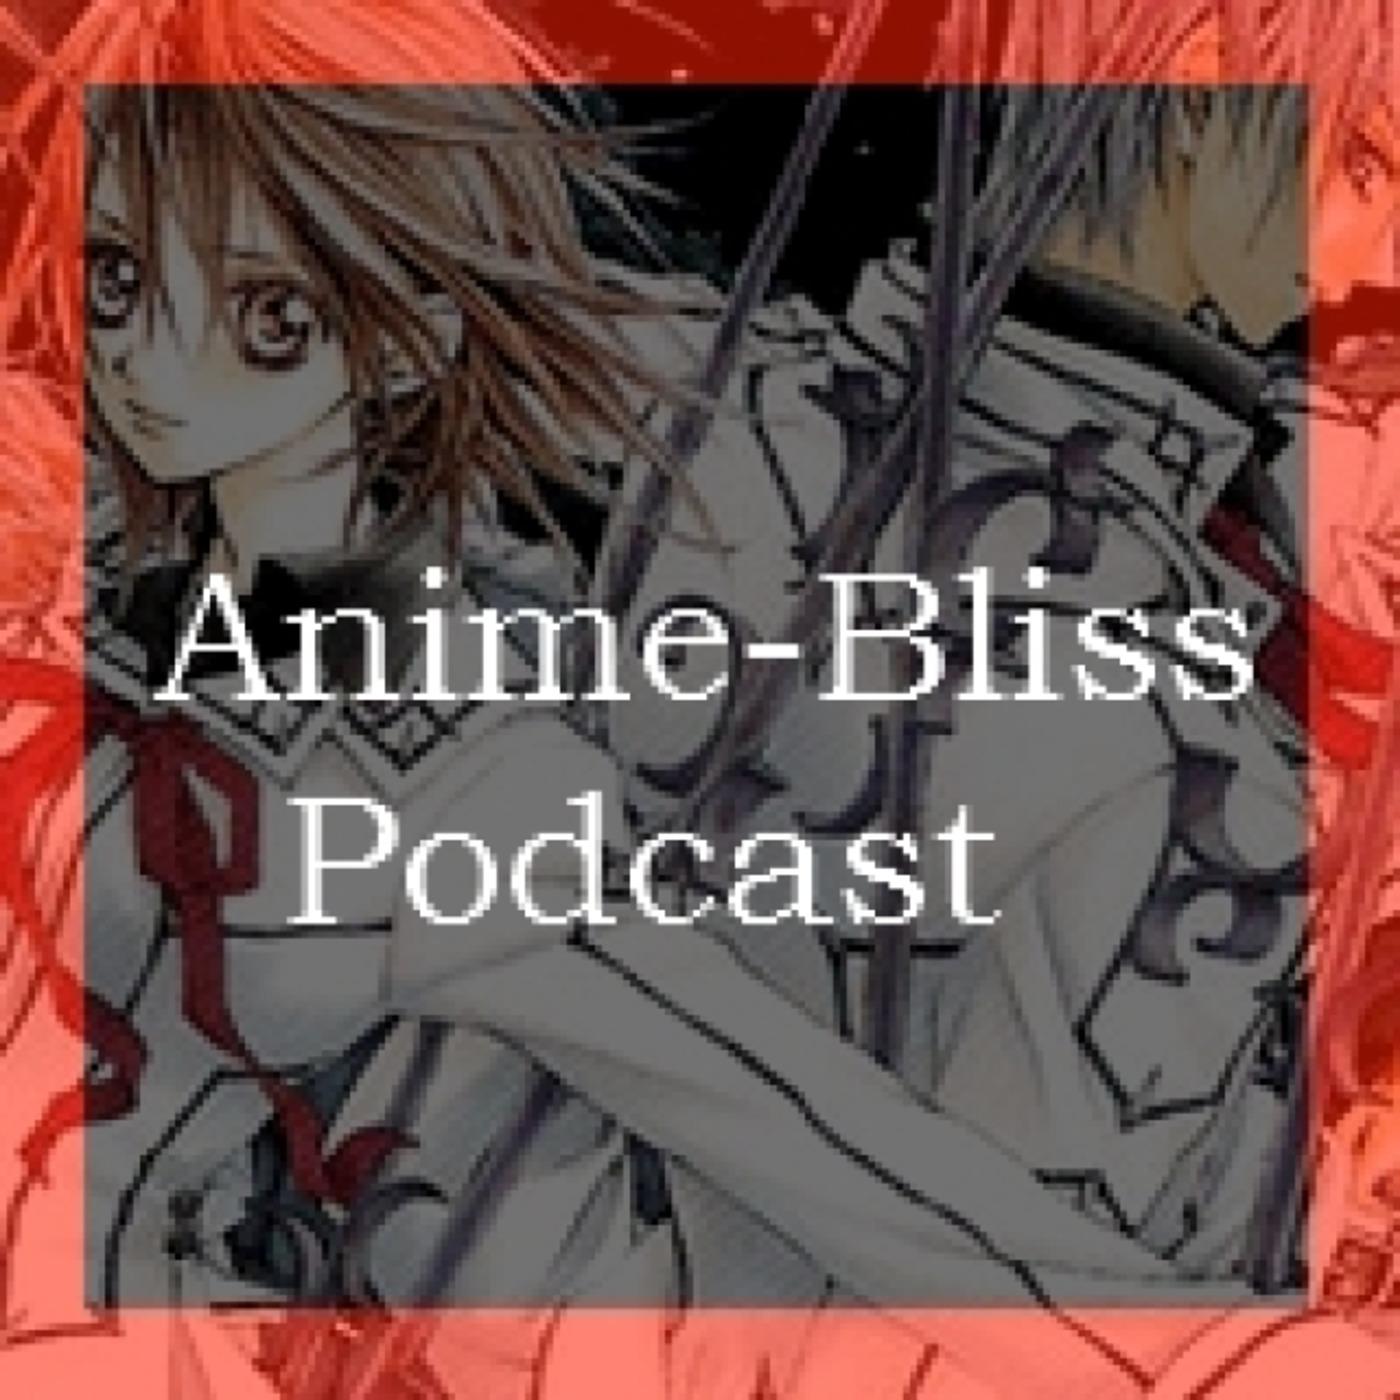 Anime-Bliss